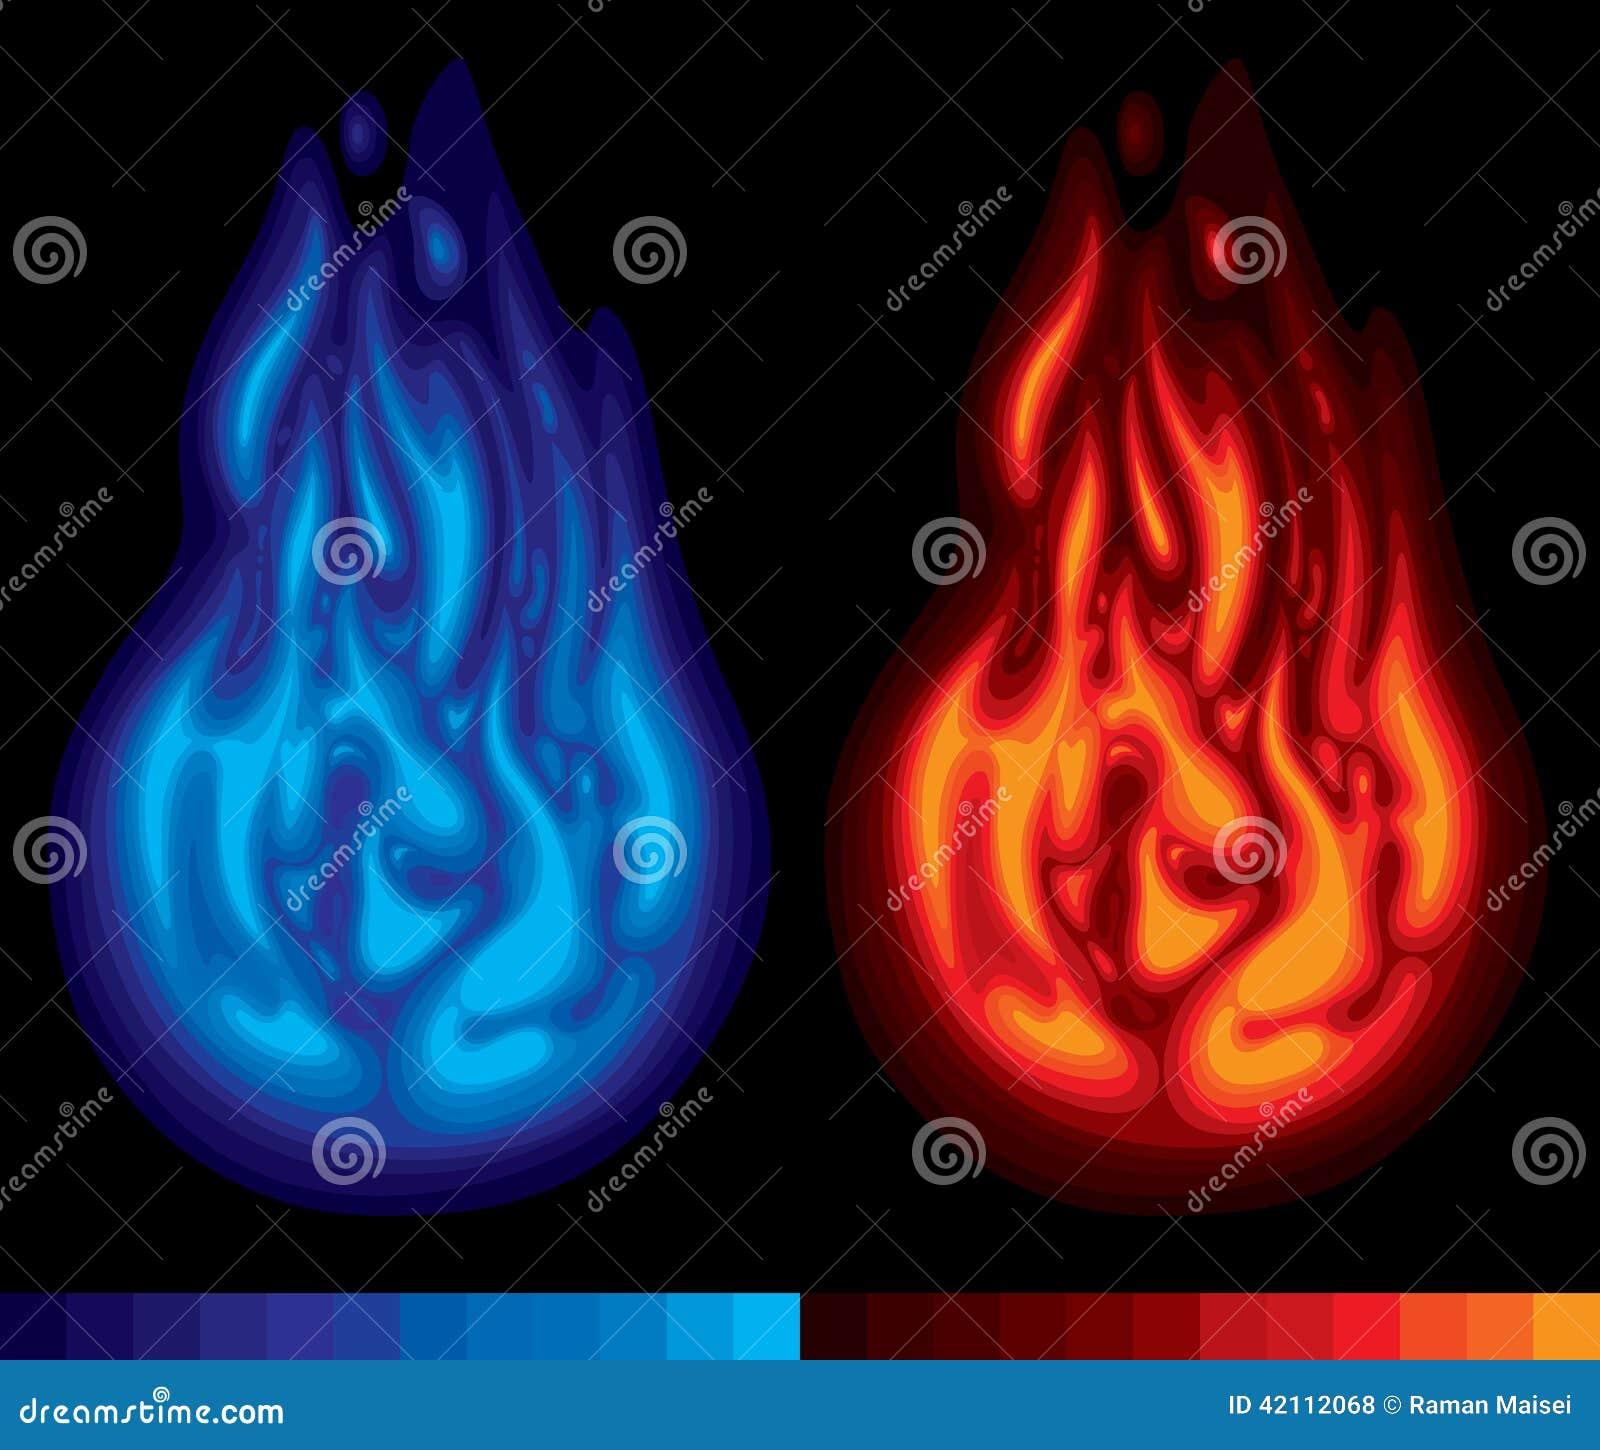 rencontre de deux flammes jumelles Saint-Nazaire